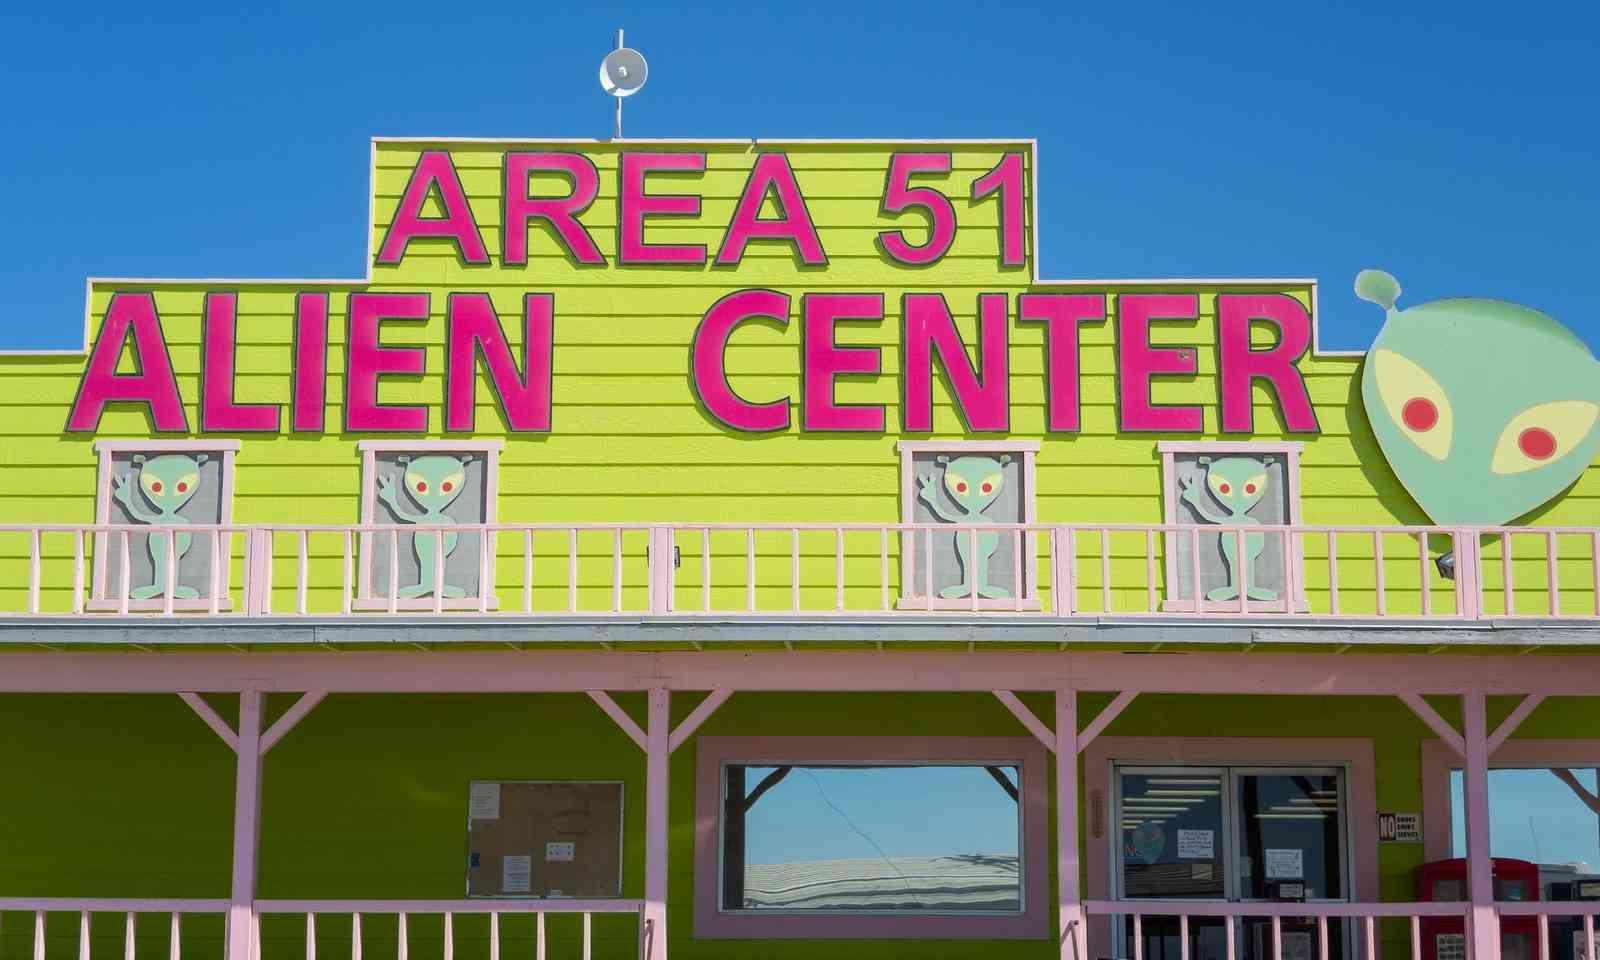 Area 51 Alien Center (Dreamstime)